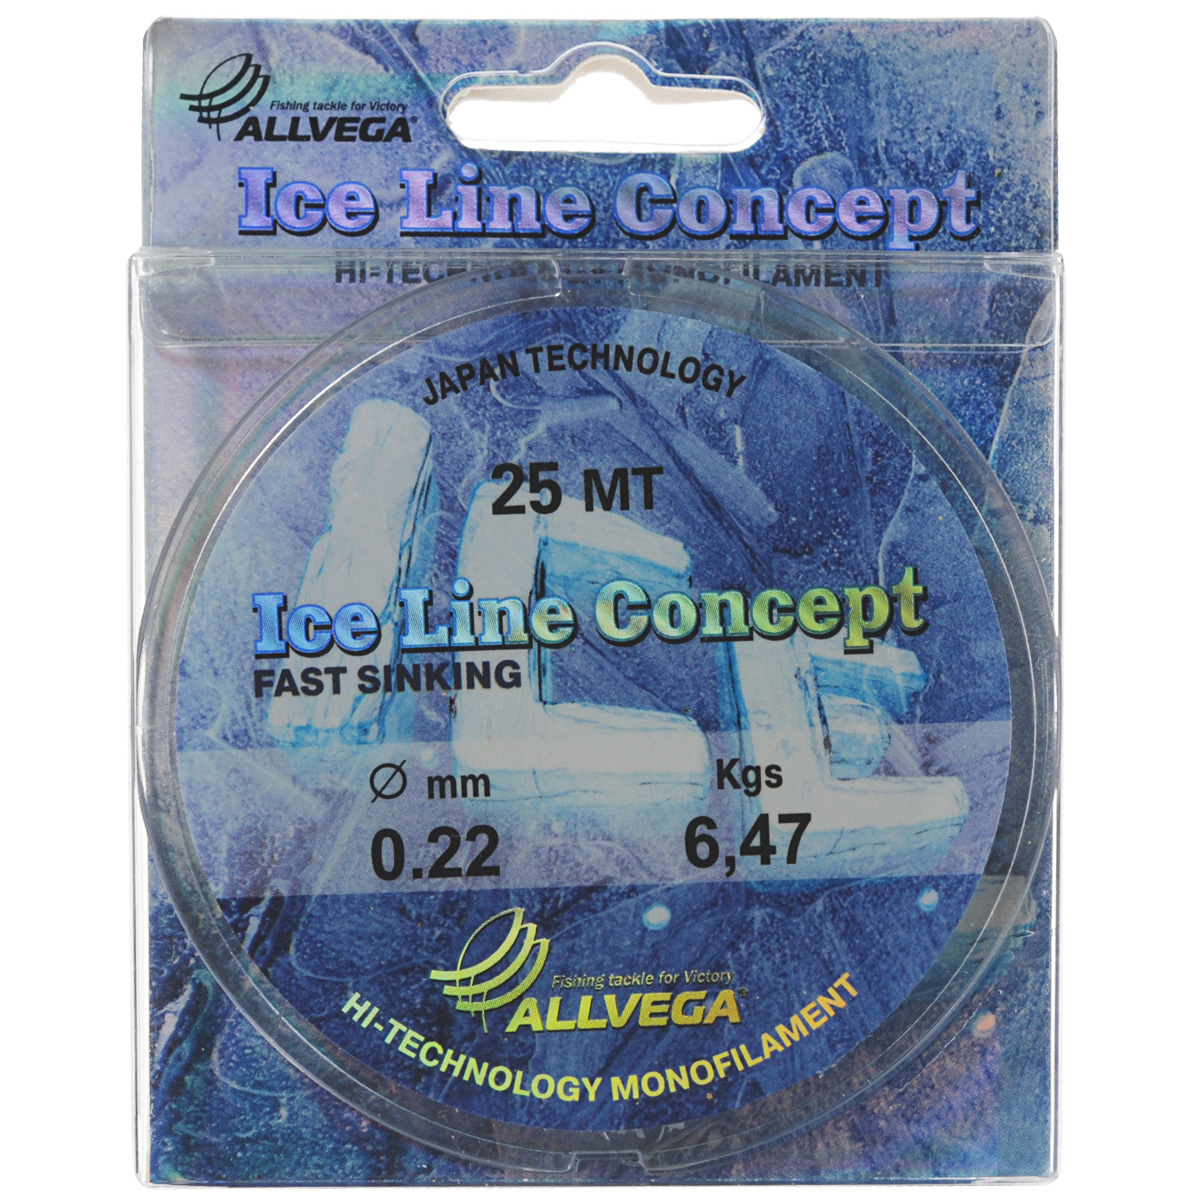 Леска Allvega Ice Line Concept, сечение 0,22 мм, длина 25 м леска монофильная salmo tournament сечение 0 162 мм длина 50 м